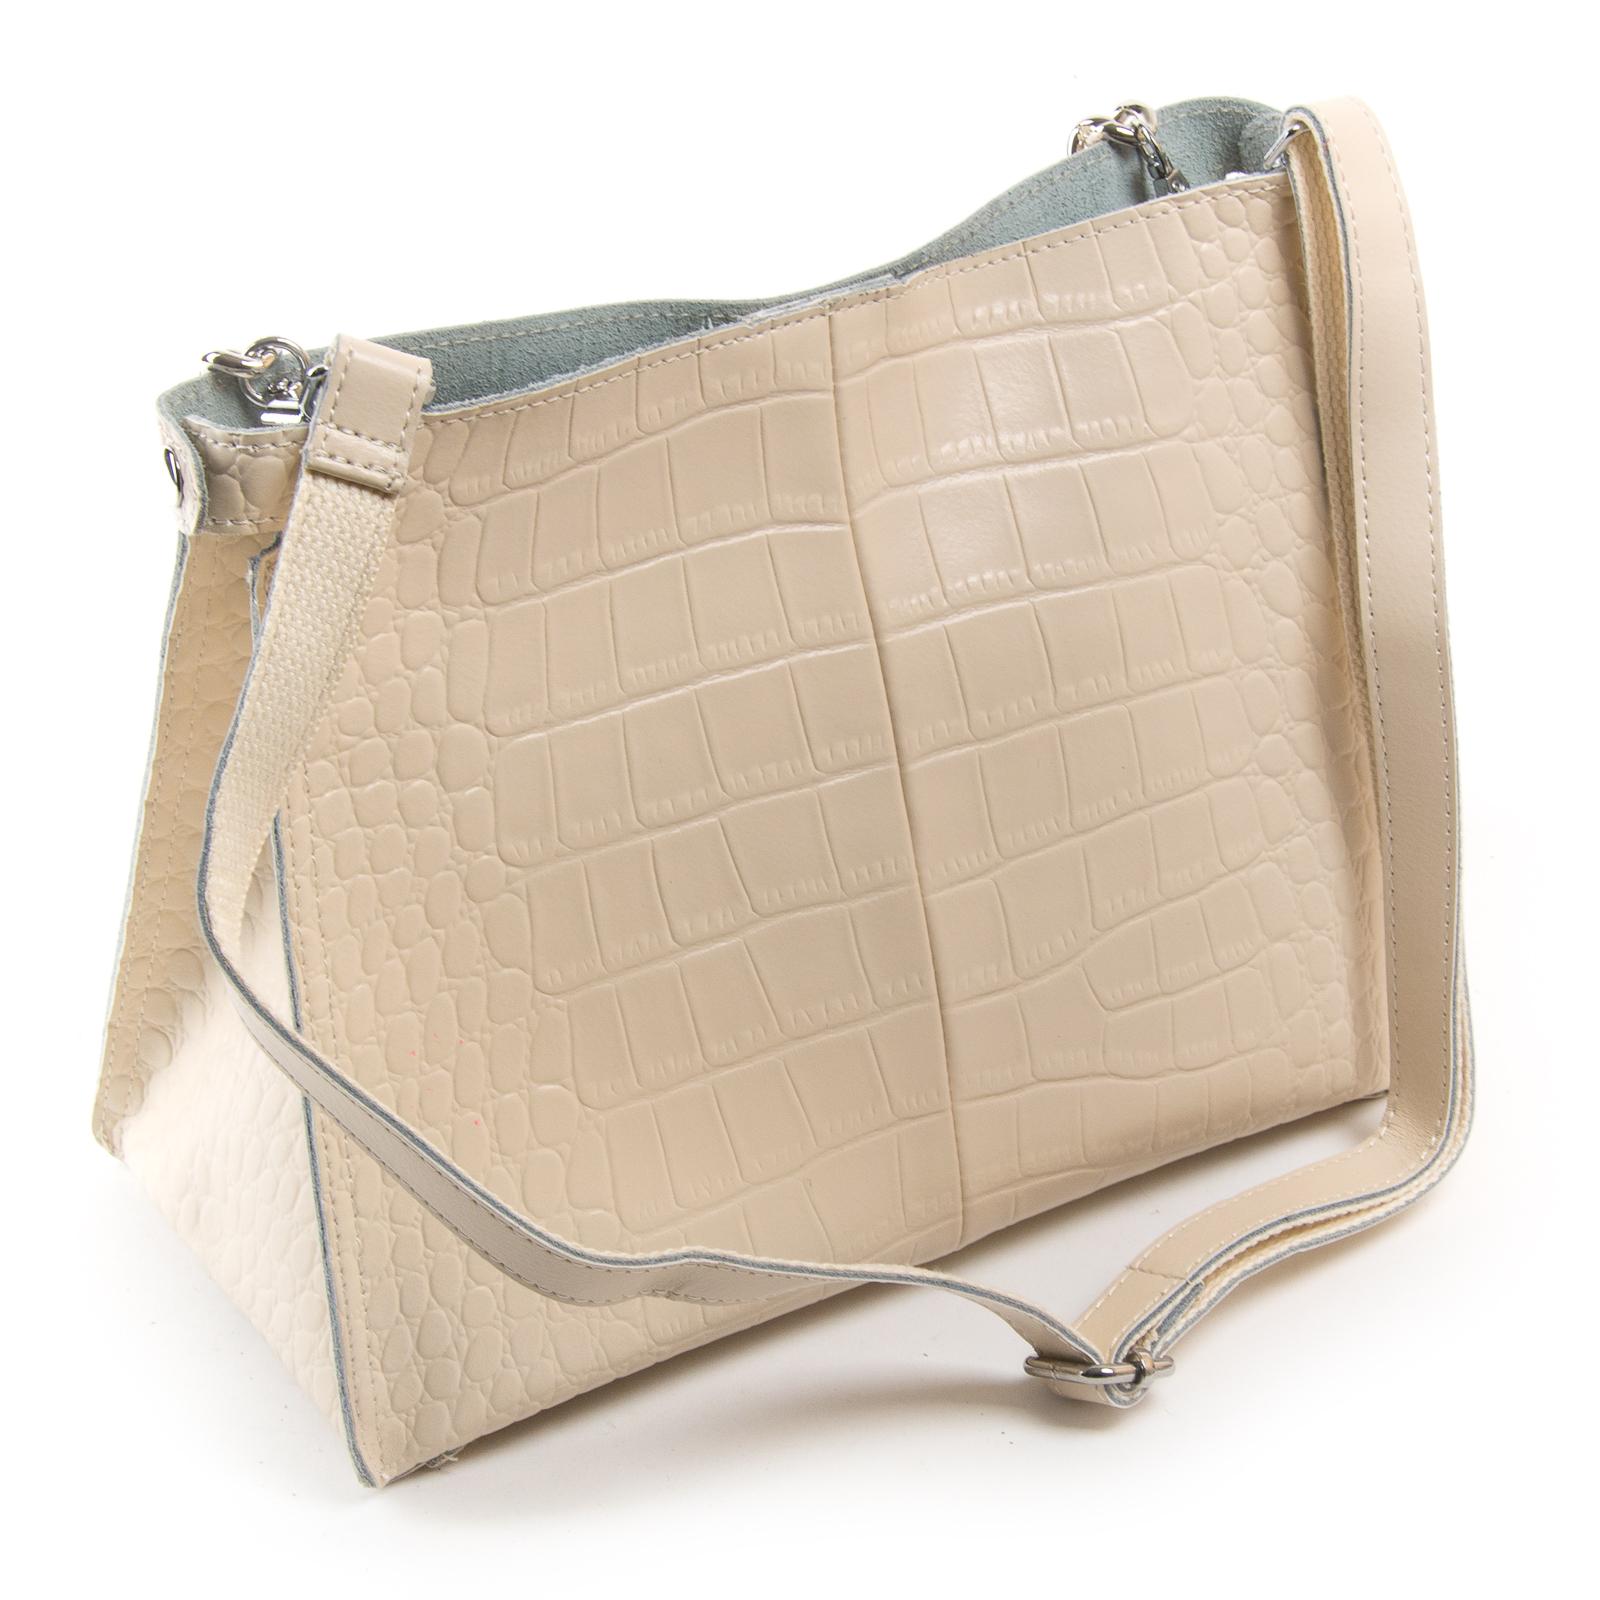 Сумка Женская Классическая кожа ALEX RAI 03-01 3202 beige - фото 4